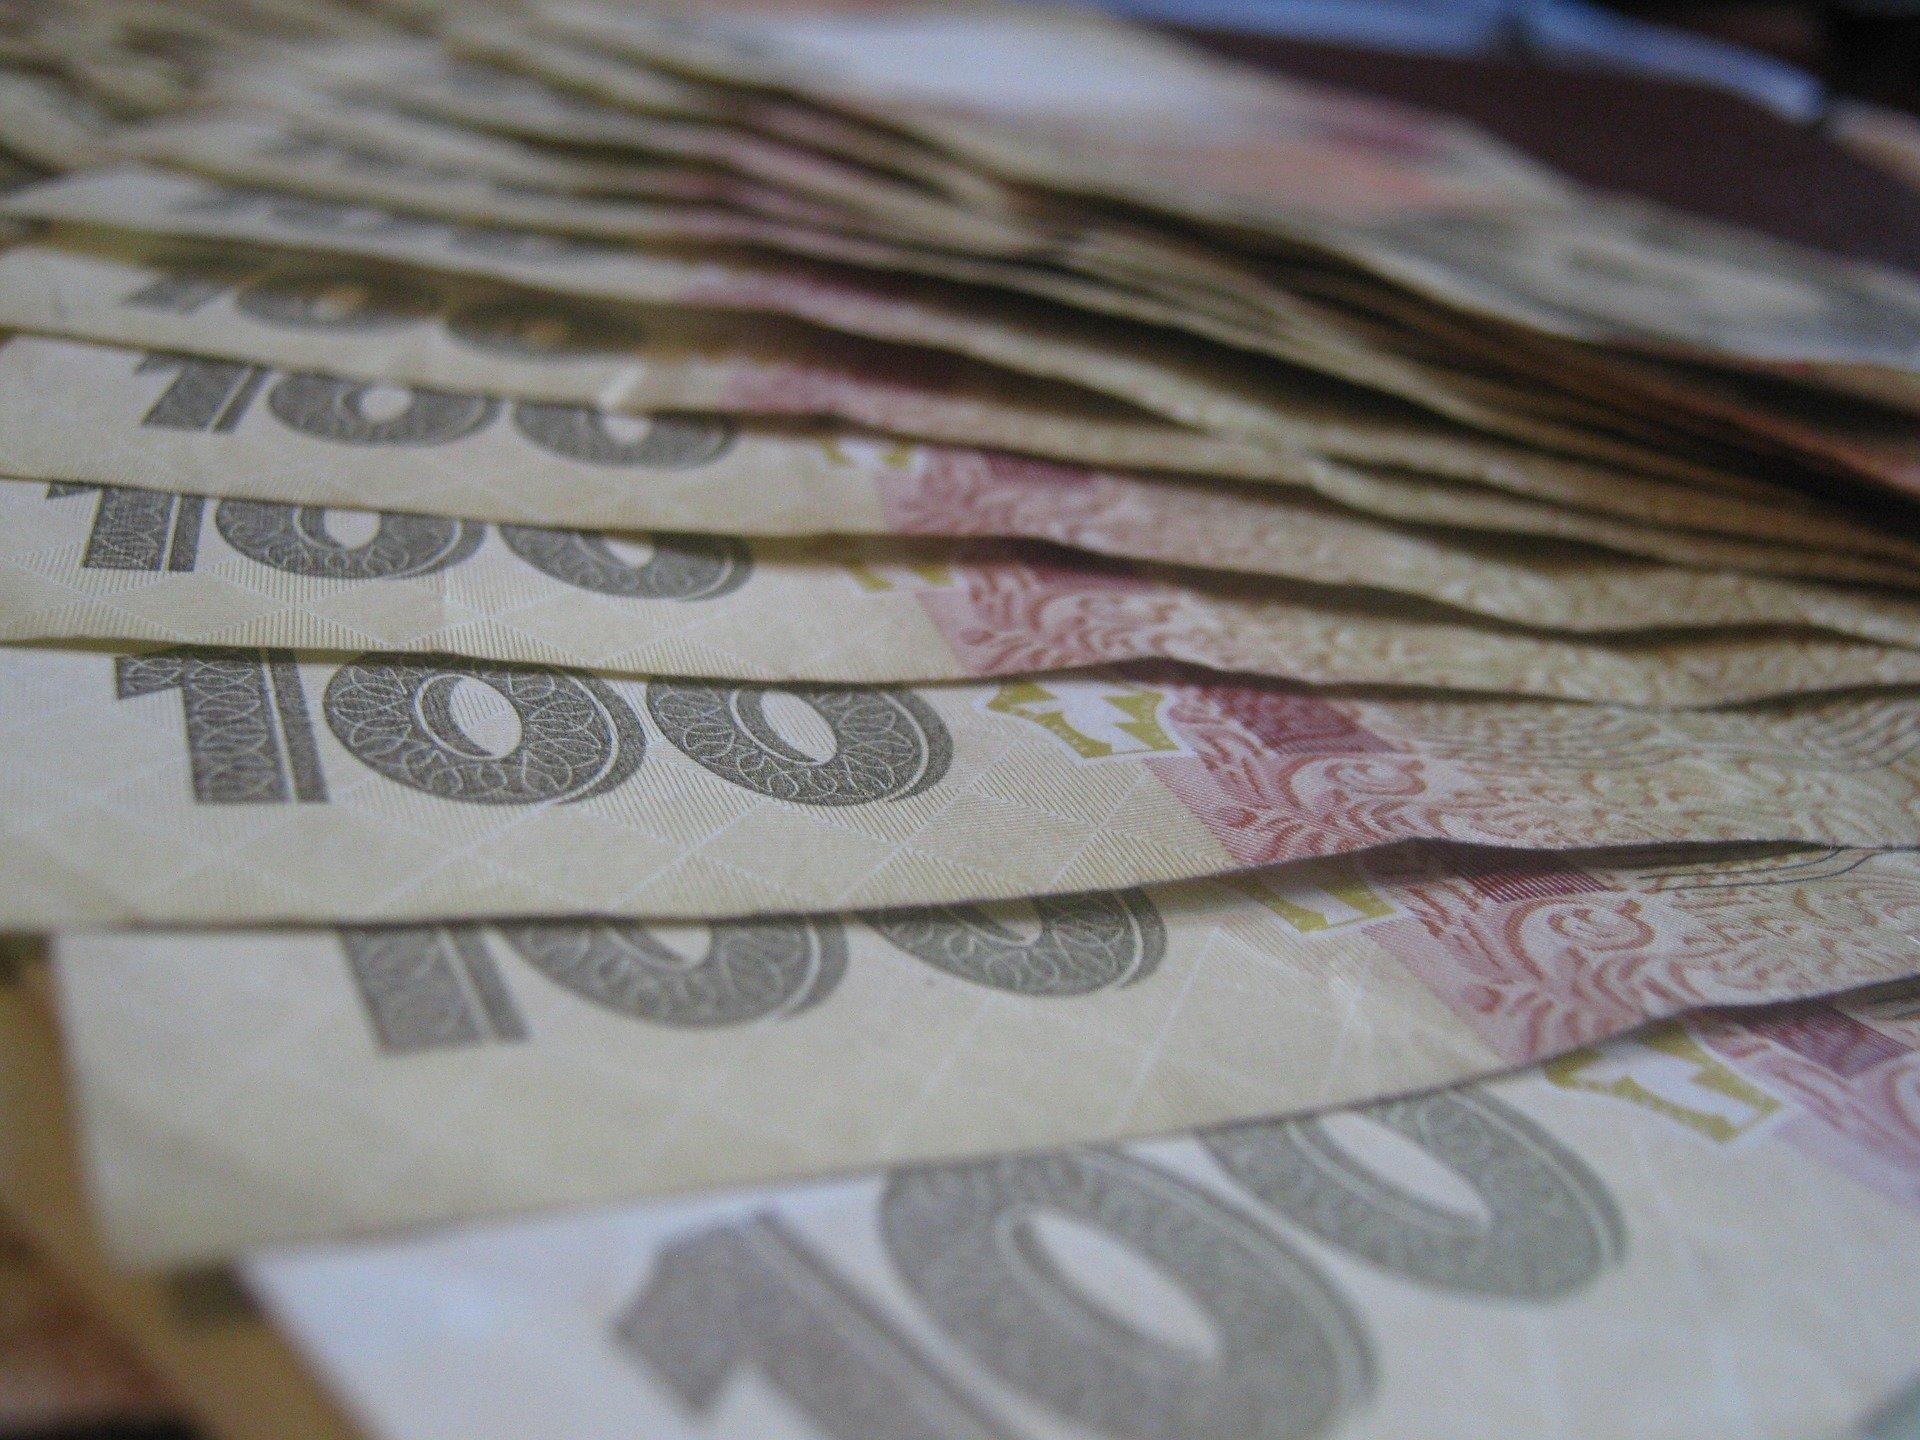 Бюджет Киева: метро и мосты, но меньше денег на медицину